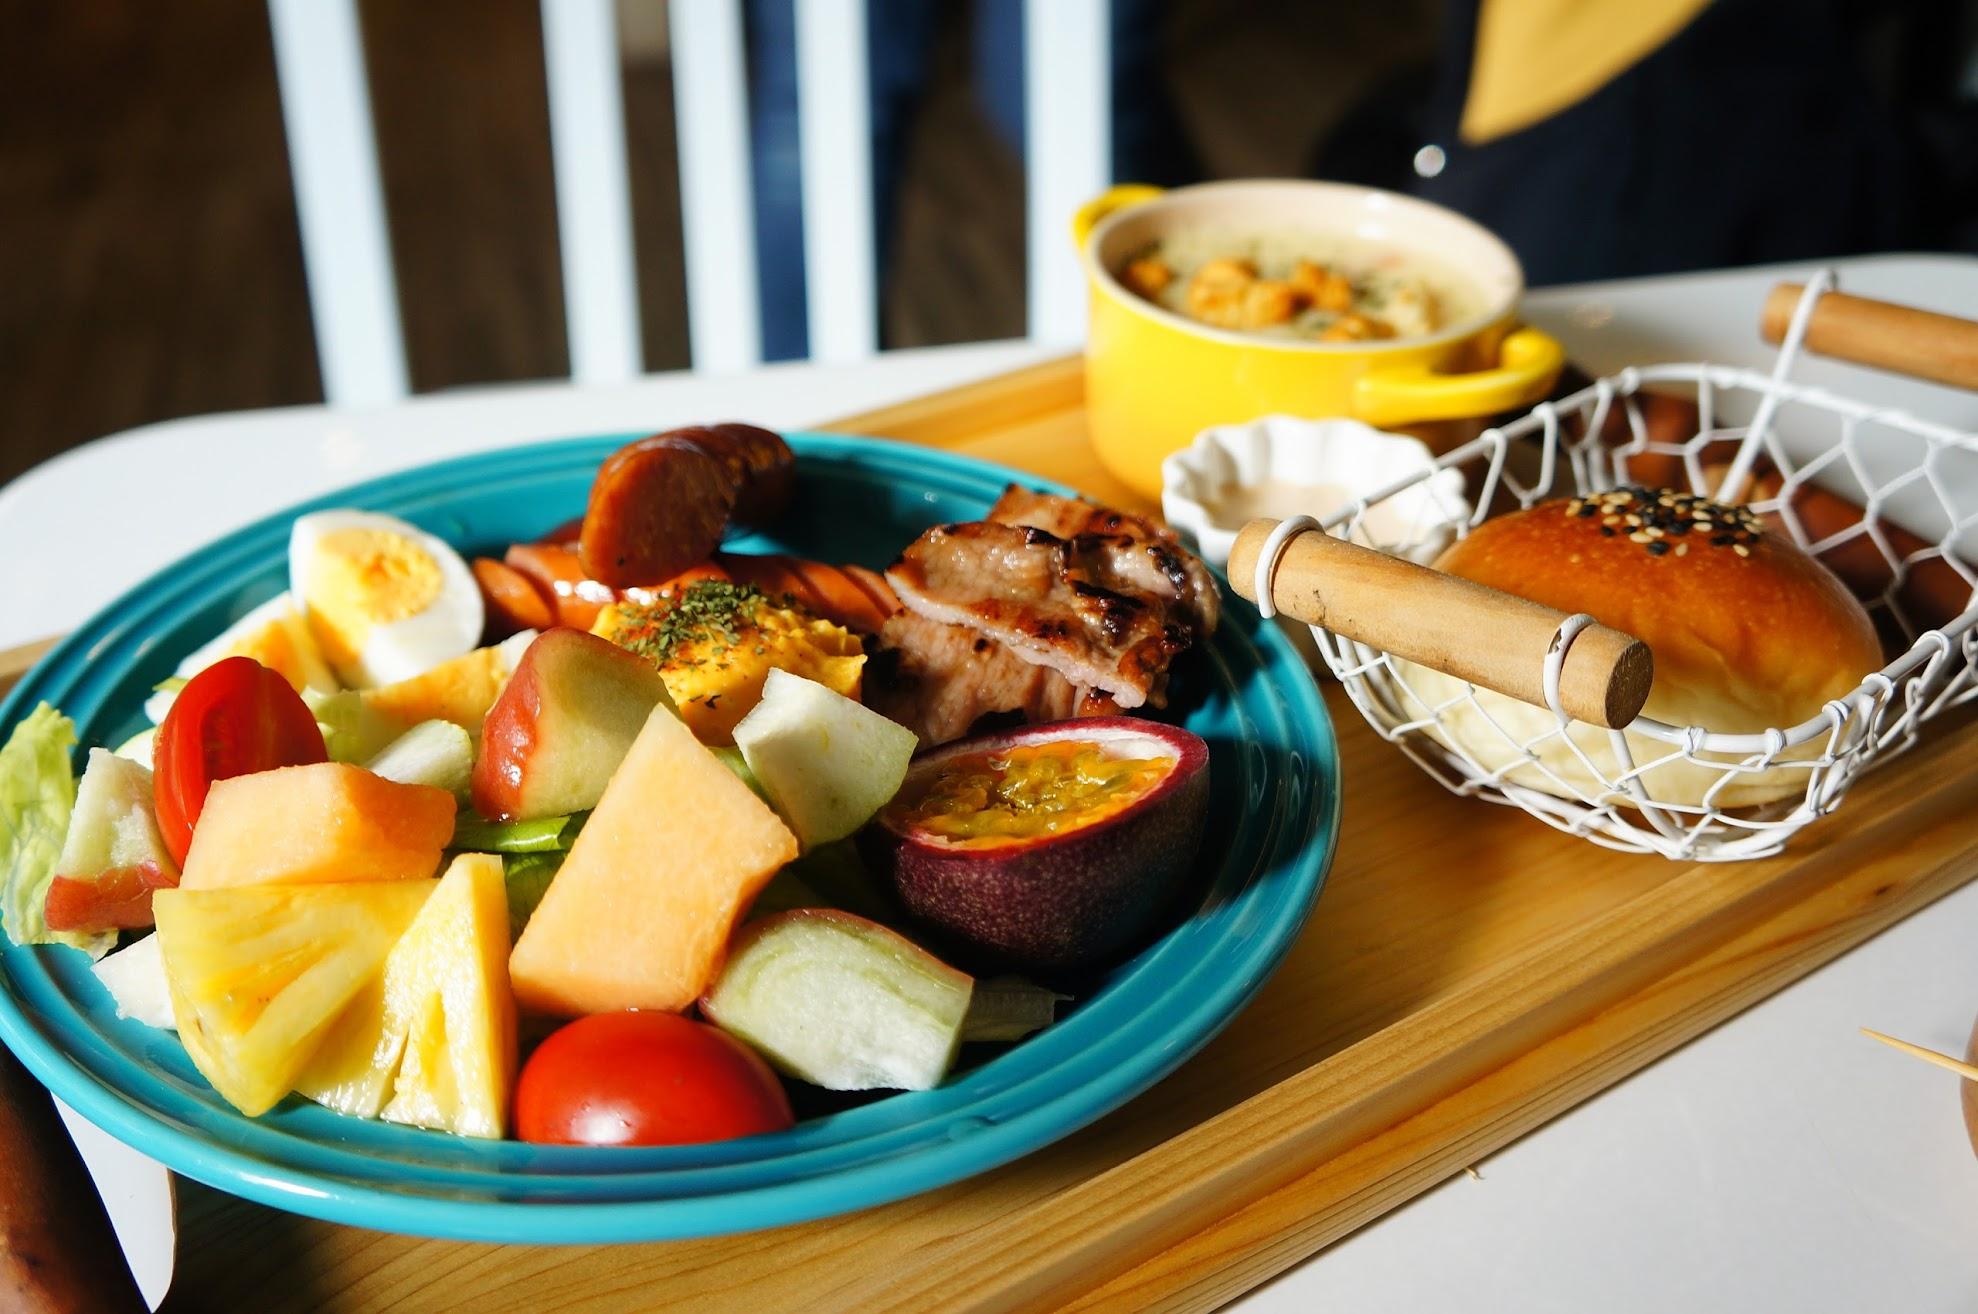 一盤很豐盛! 主餐點部分是德式香腸和燒肉